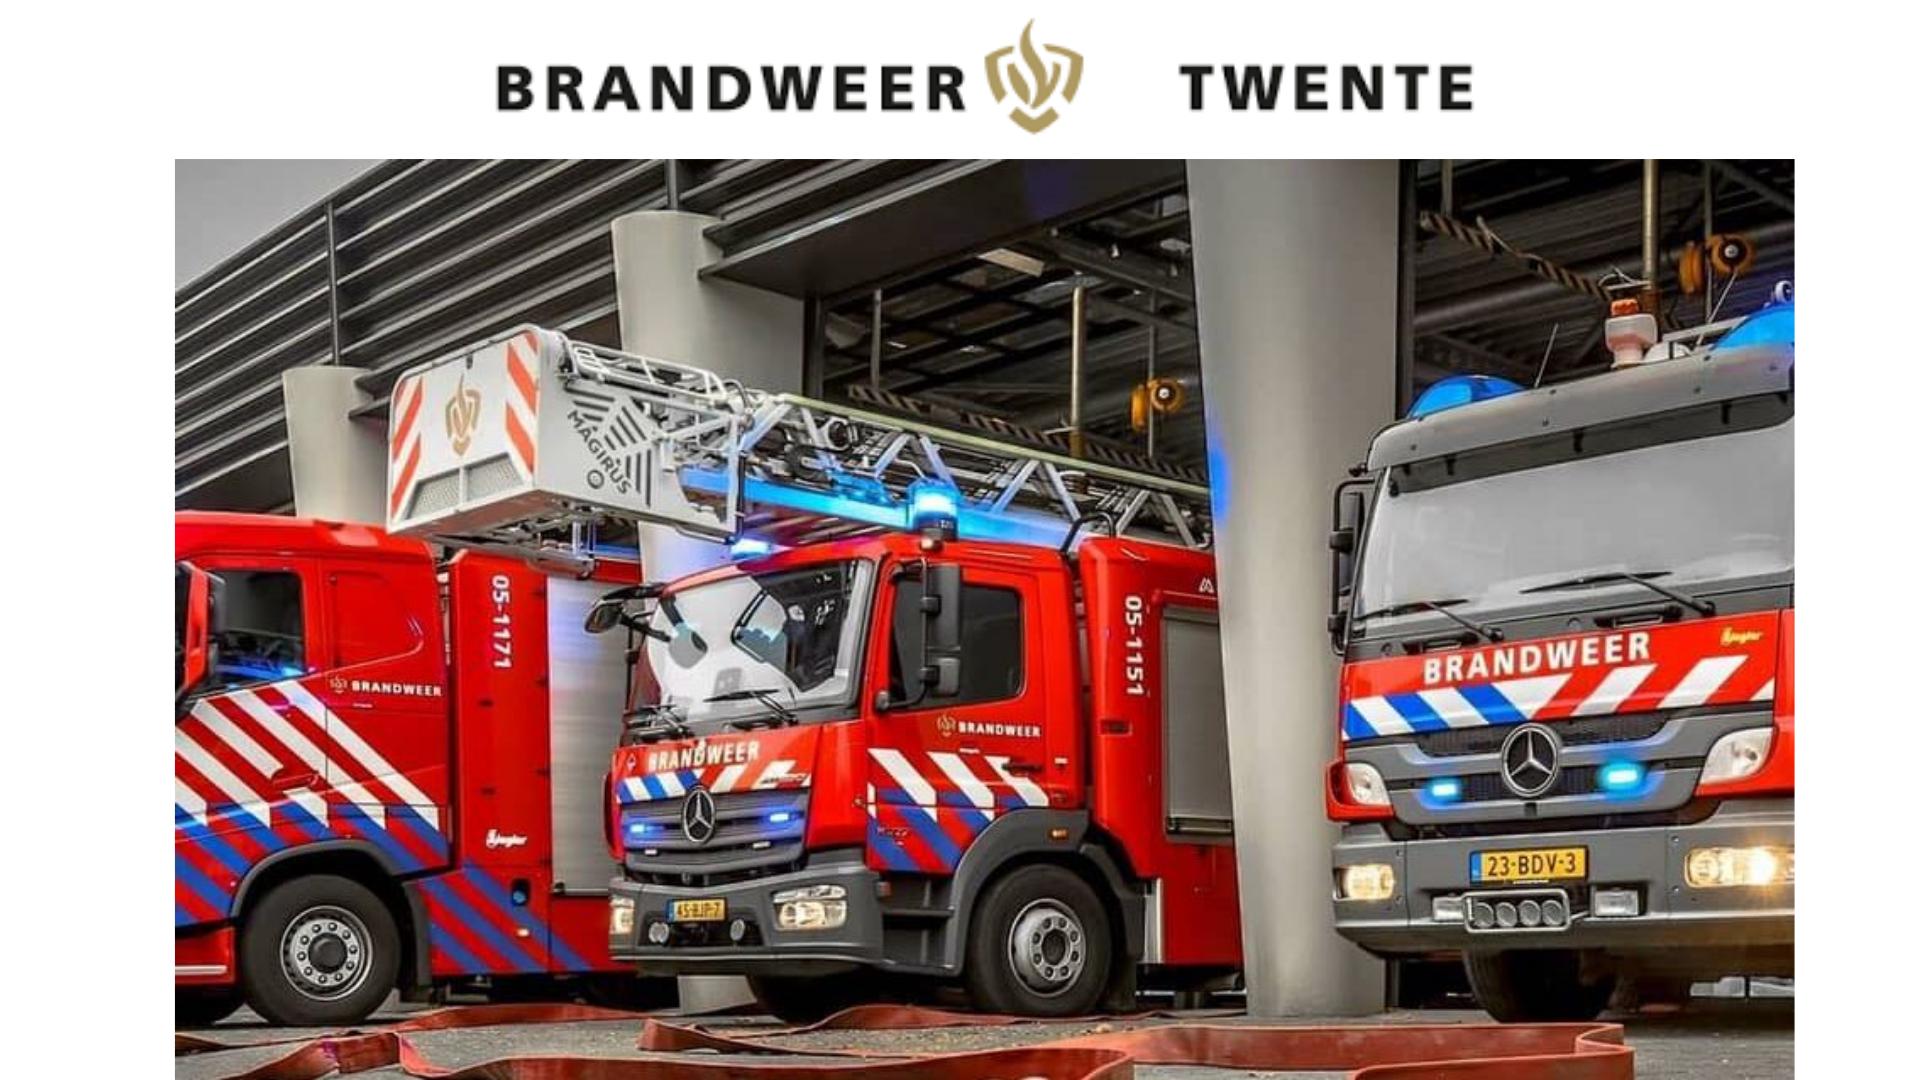 Auto elektronica in brandweer voertuigen